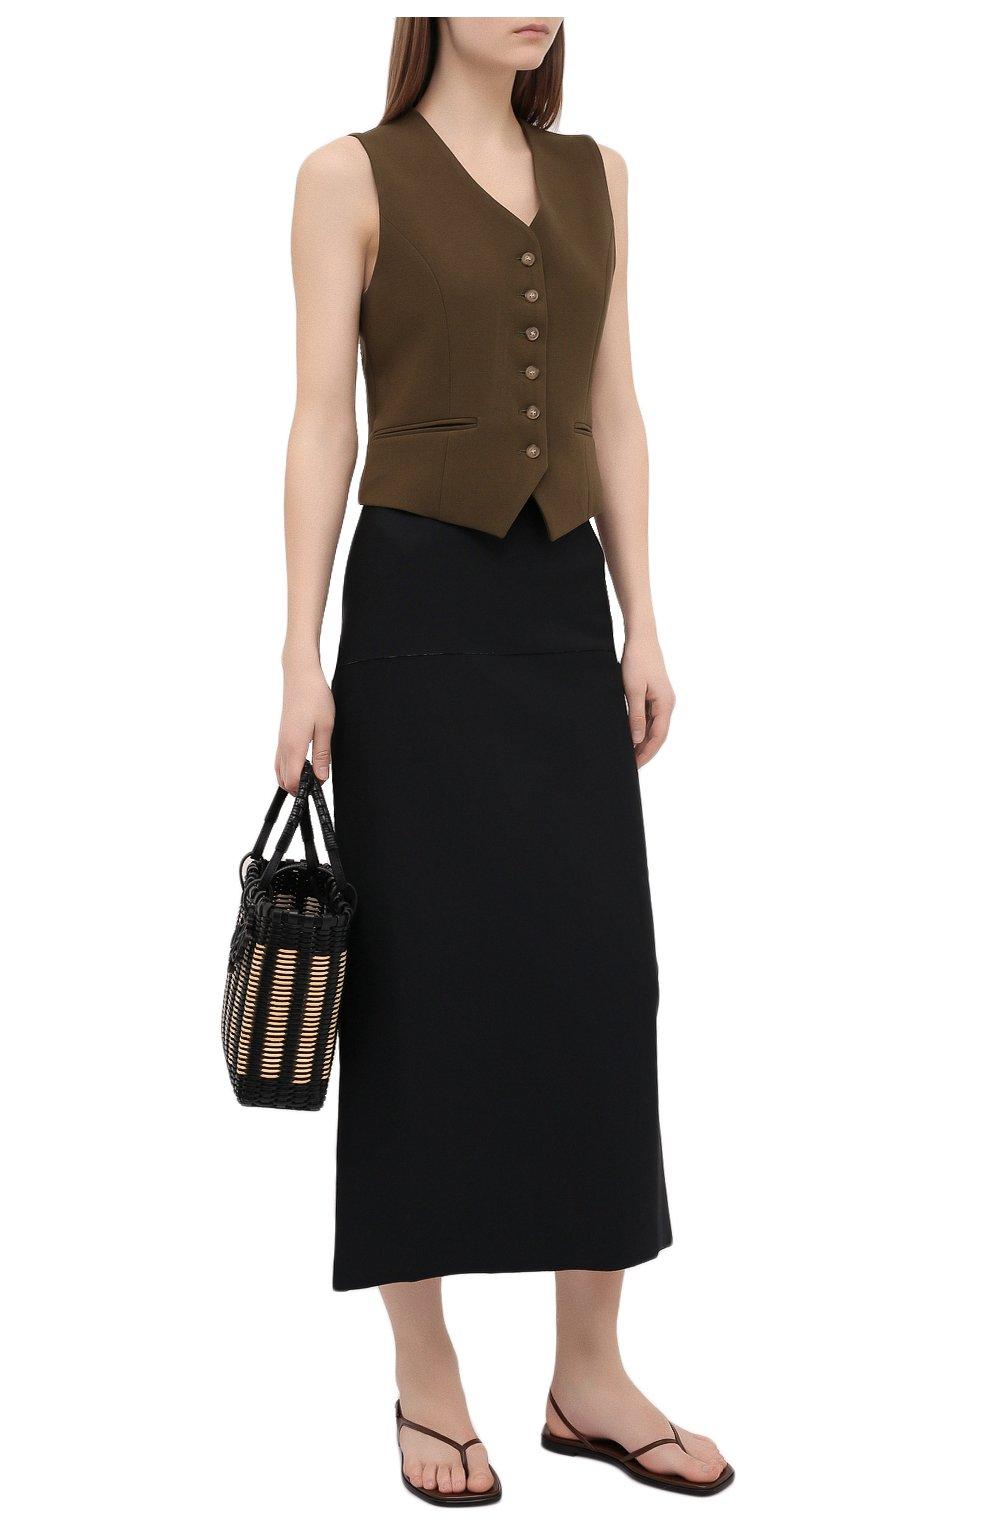 Женские кожаные сандалии THE ROW коричневого цвета, арт. F1197-L35 | Фото 2 (Каблук высота: Низкий; Материал внутренний: Натуральная кожа; Подошва: Плоская)